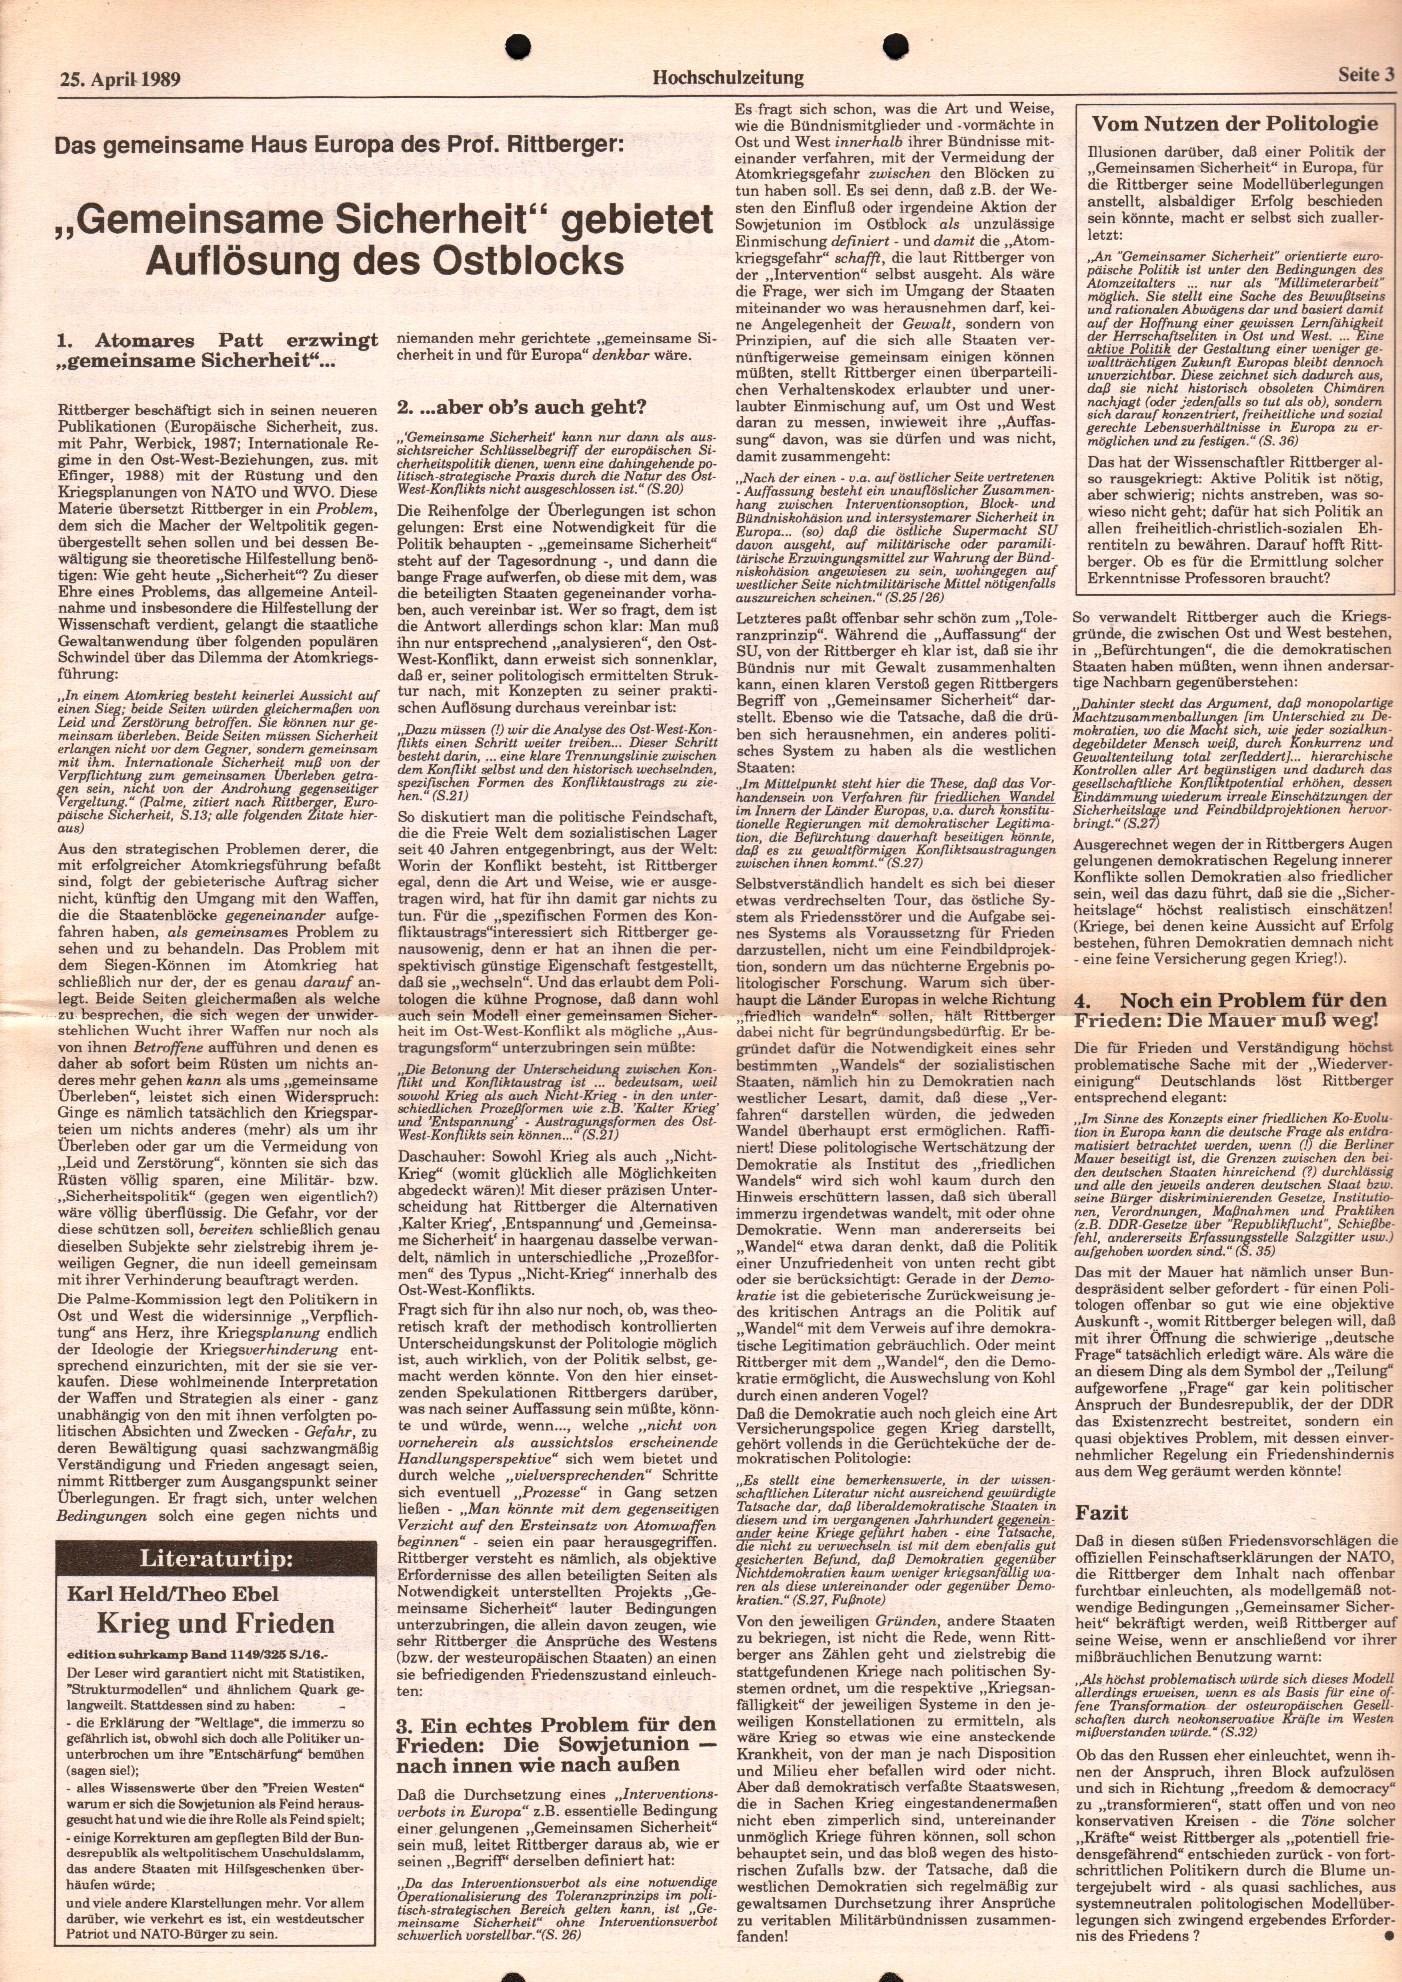 Tuebingen_MG_Hochschulzeitung_1989_05_03